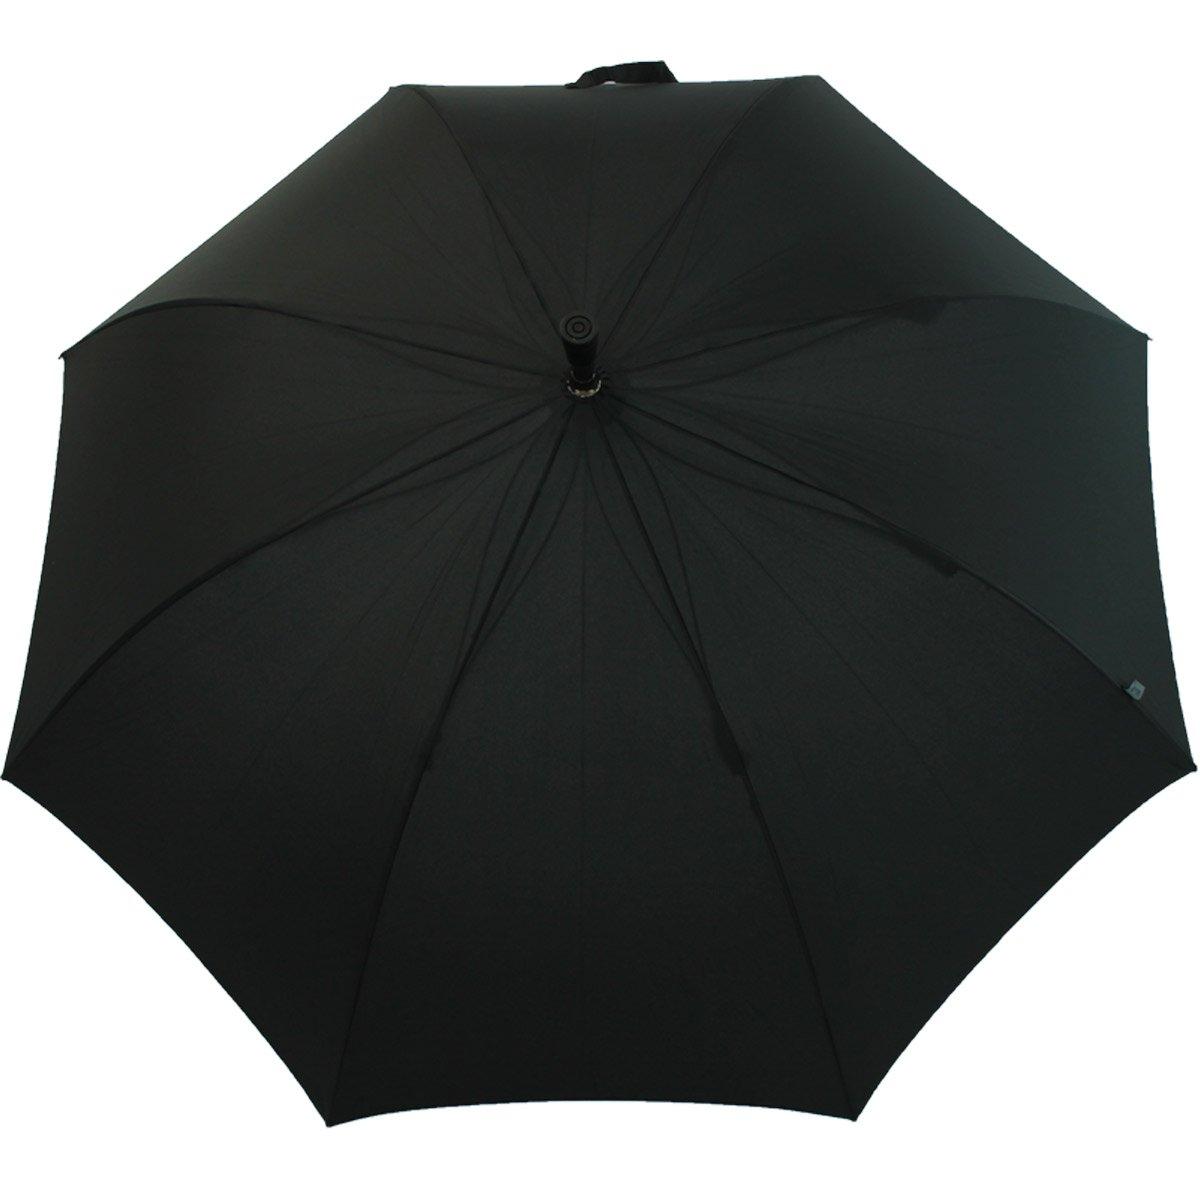 hauteur reglable Parapluie bequille noir pour homme